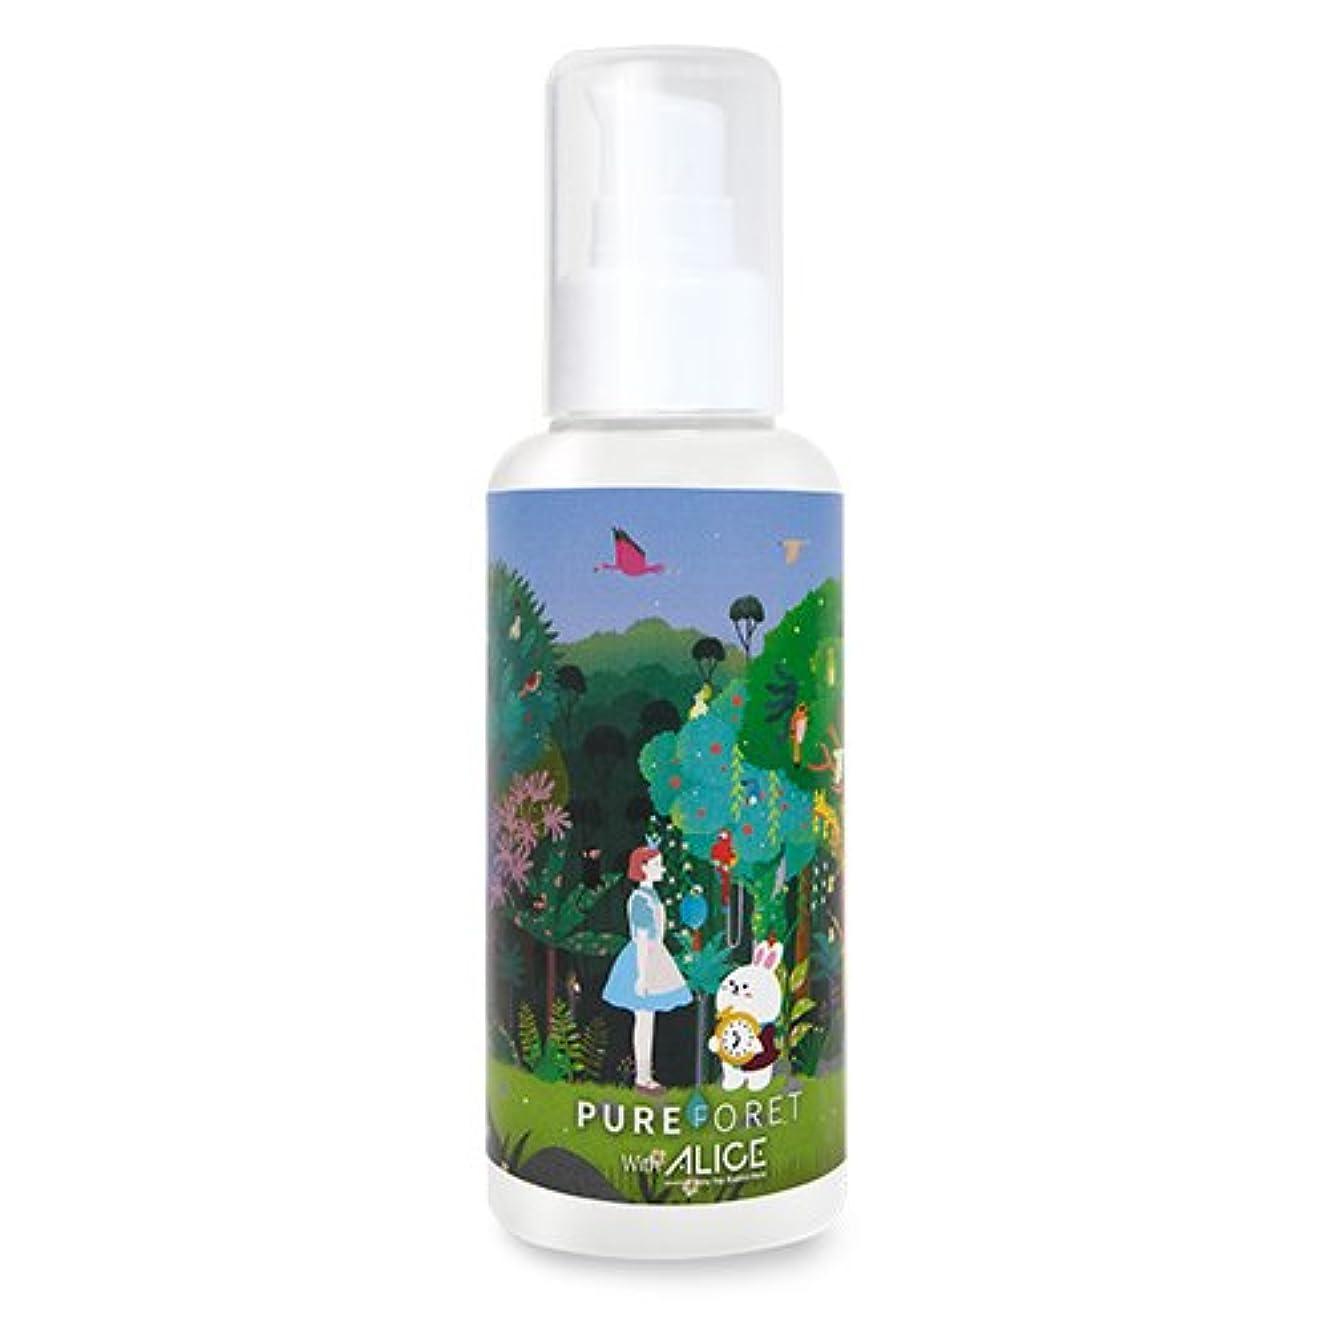 入る主人若さ韓国産 Pureforet x Alice スキンリペア ハイドレーティング スキン 化粧水 (150ml)